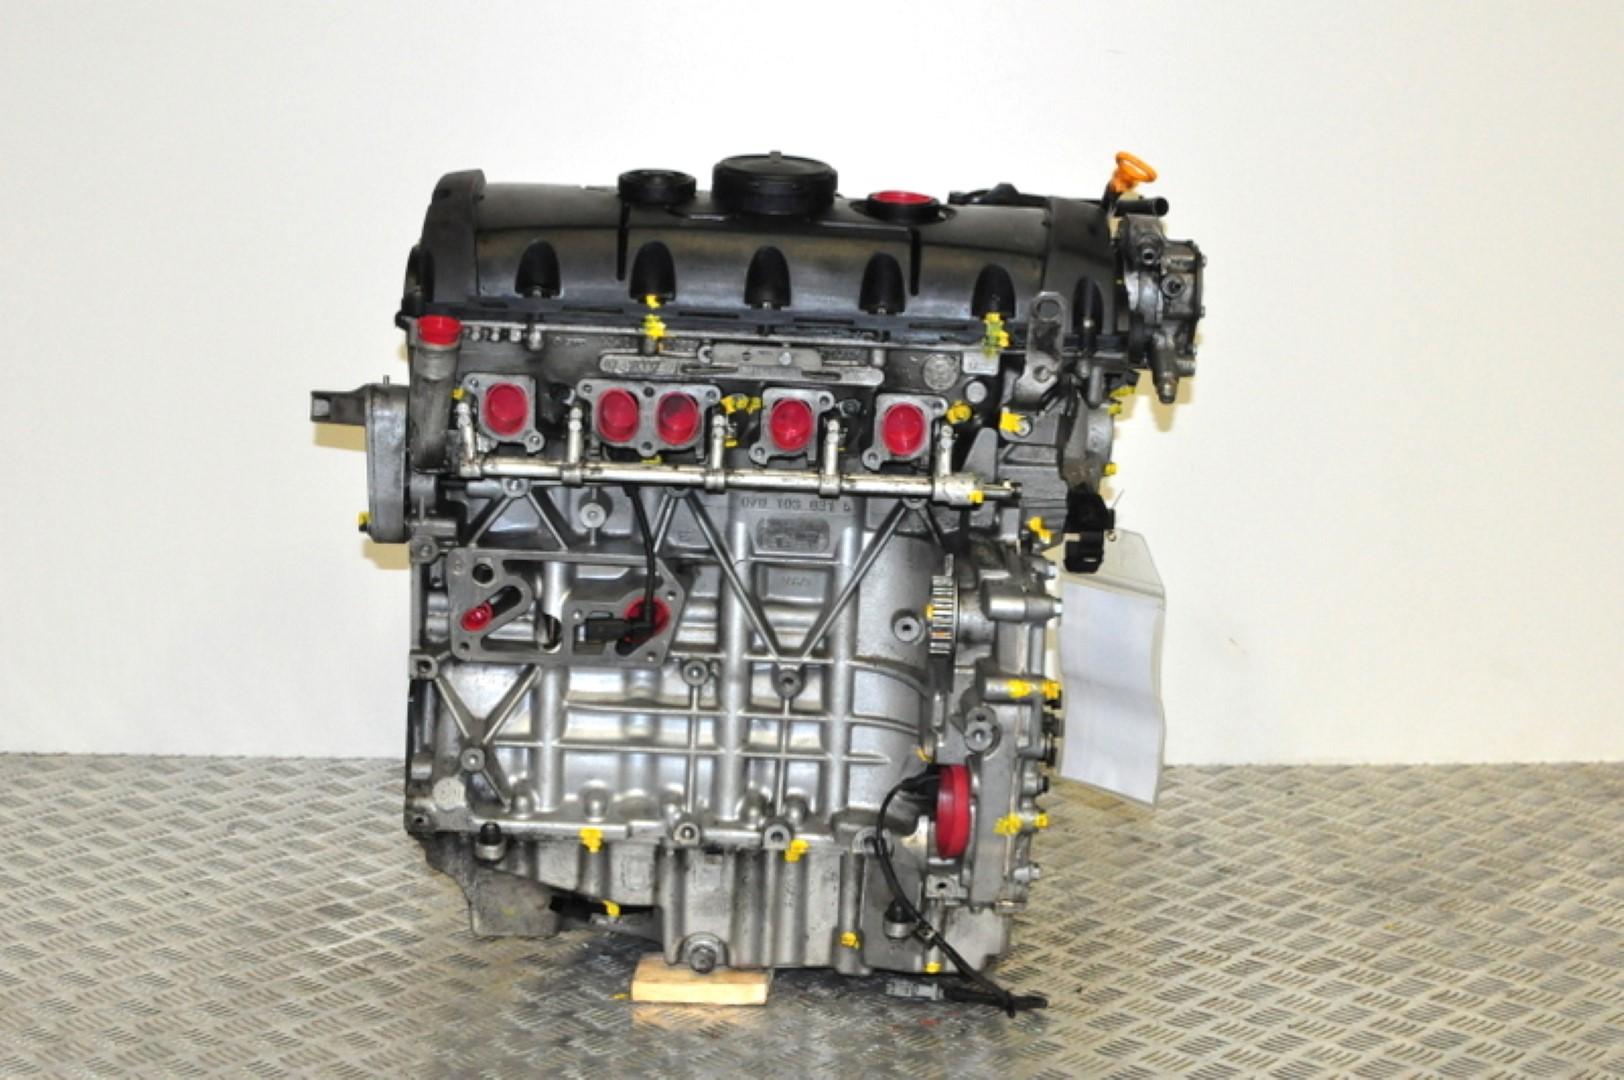 volkswagen vw transporter t5 2007 2 5 tdi diesel engine. Black Bedroom Furniture Sets. Home Design Ideas